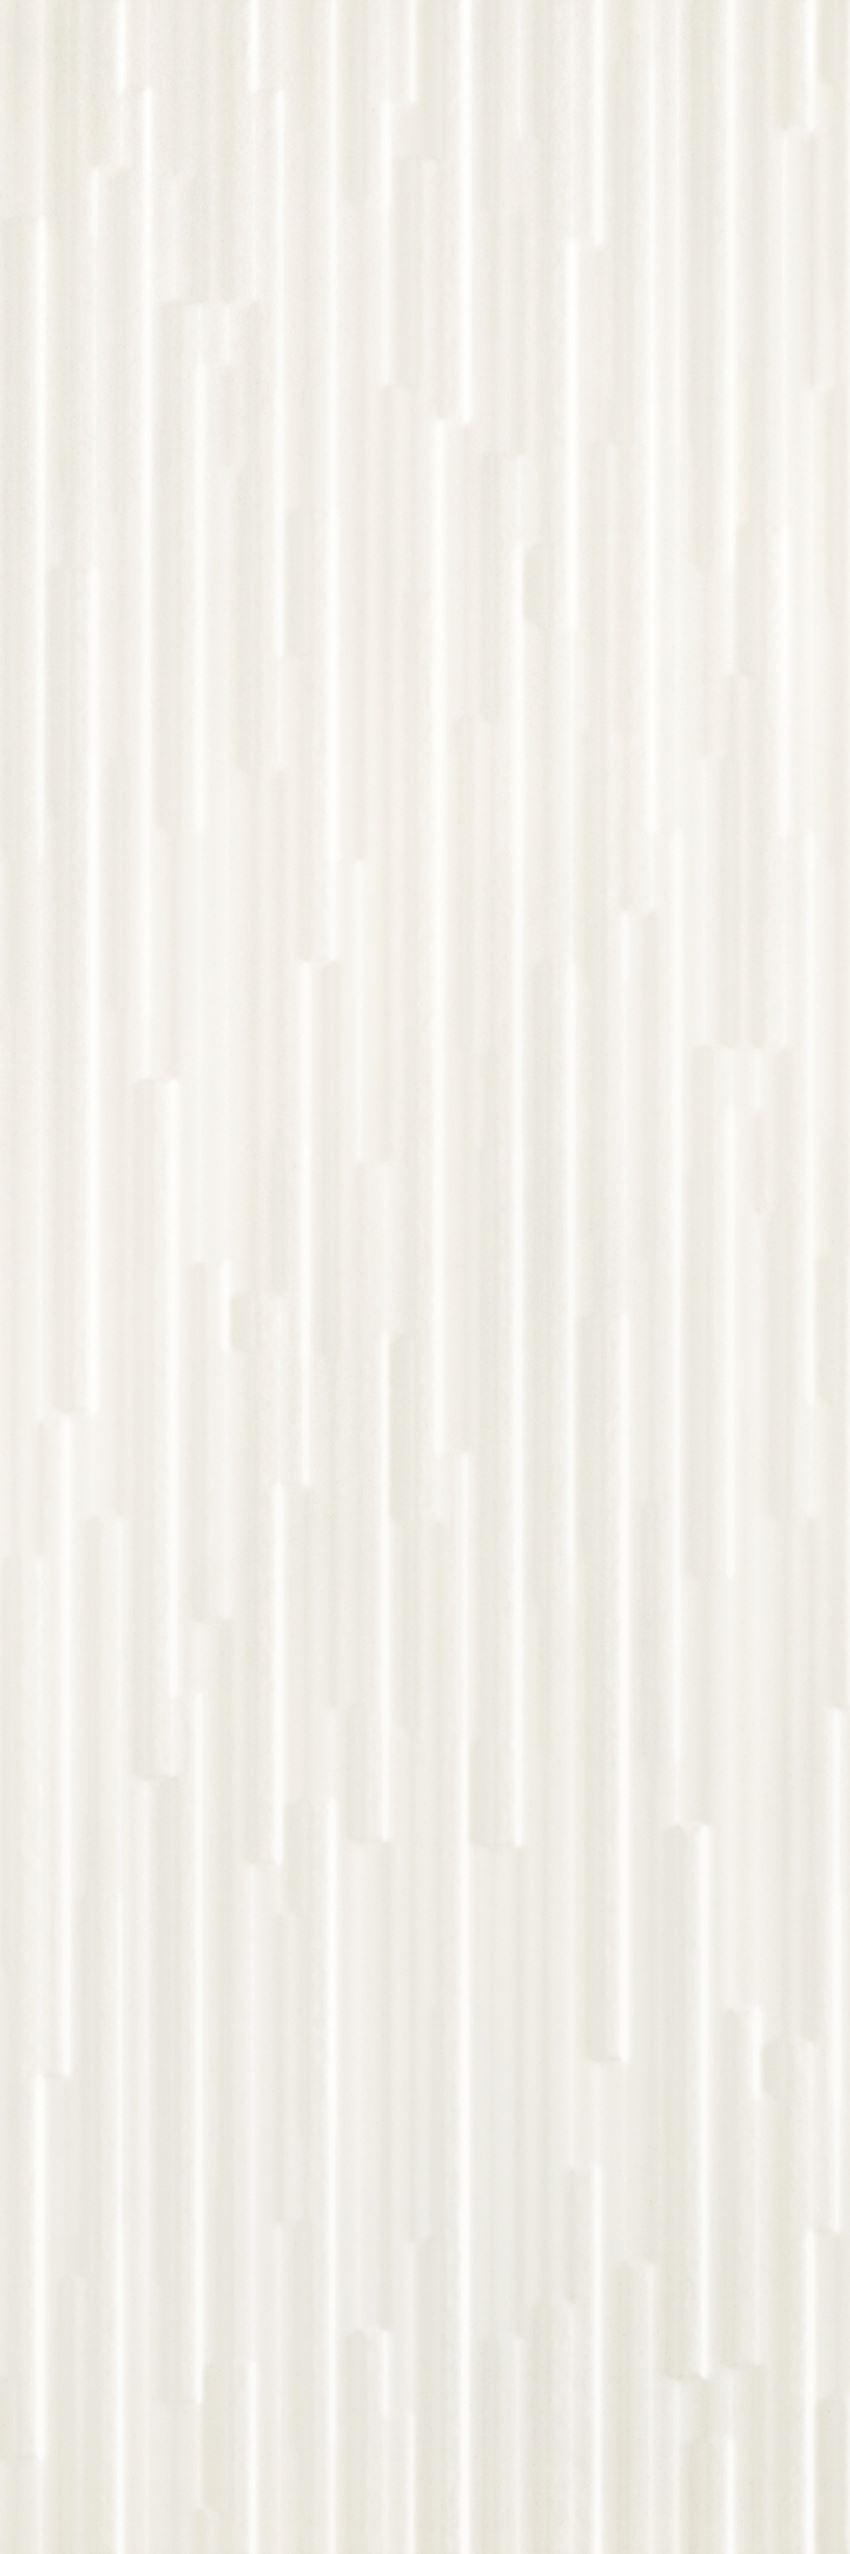 Płytka ścienna 32,5x97,7 cm Paradyż Tequila Grys struktura